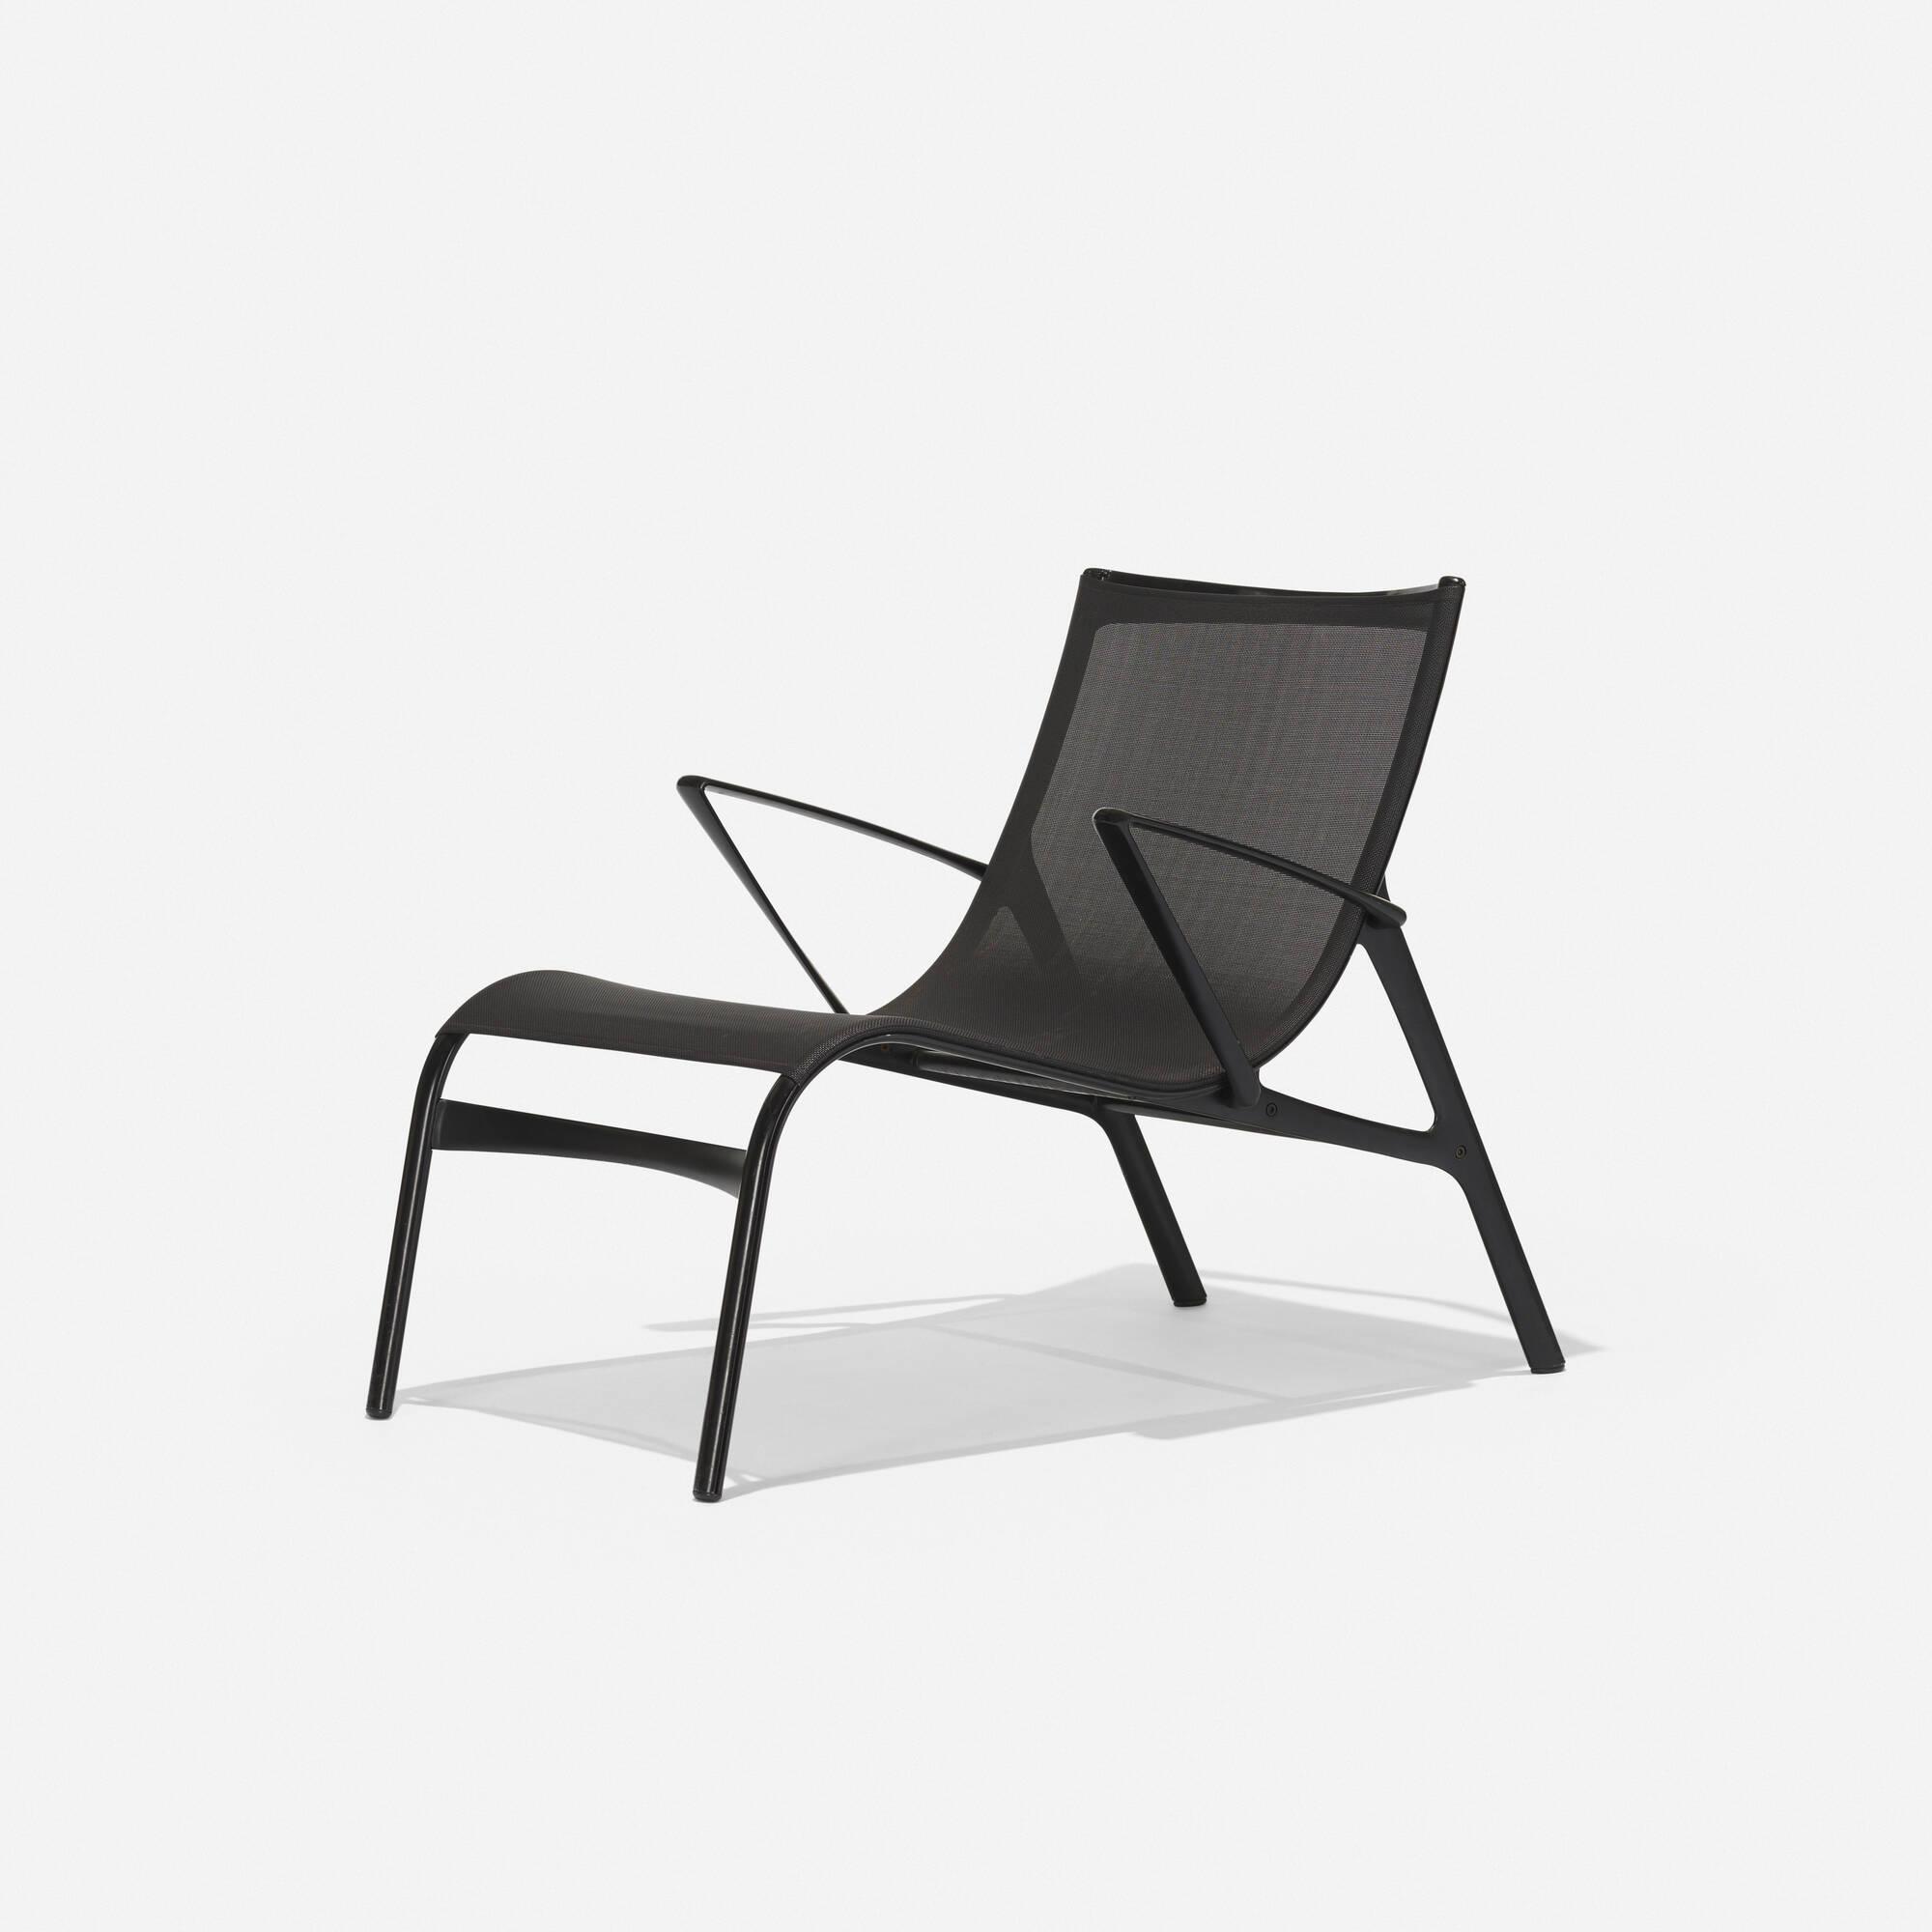 429: Alberto Meda / Armframe chair, model 438 (1 of 4)